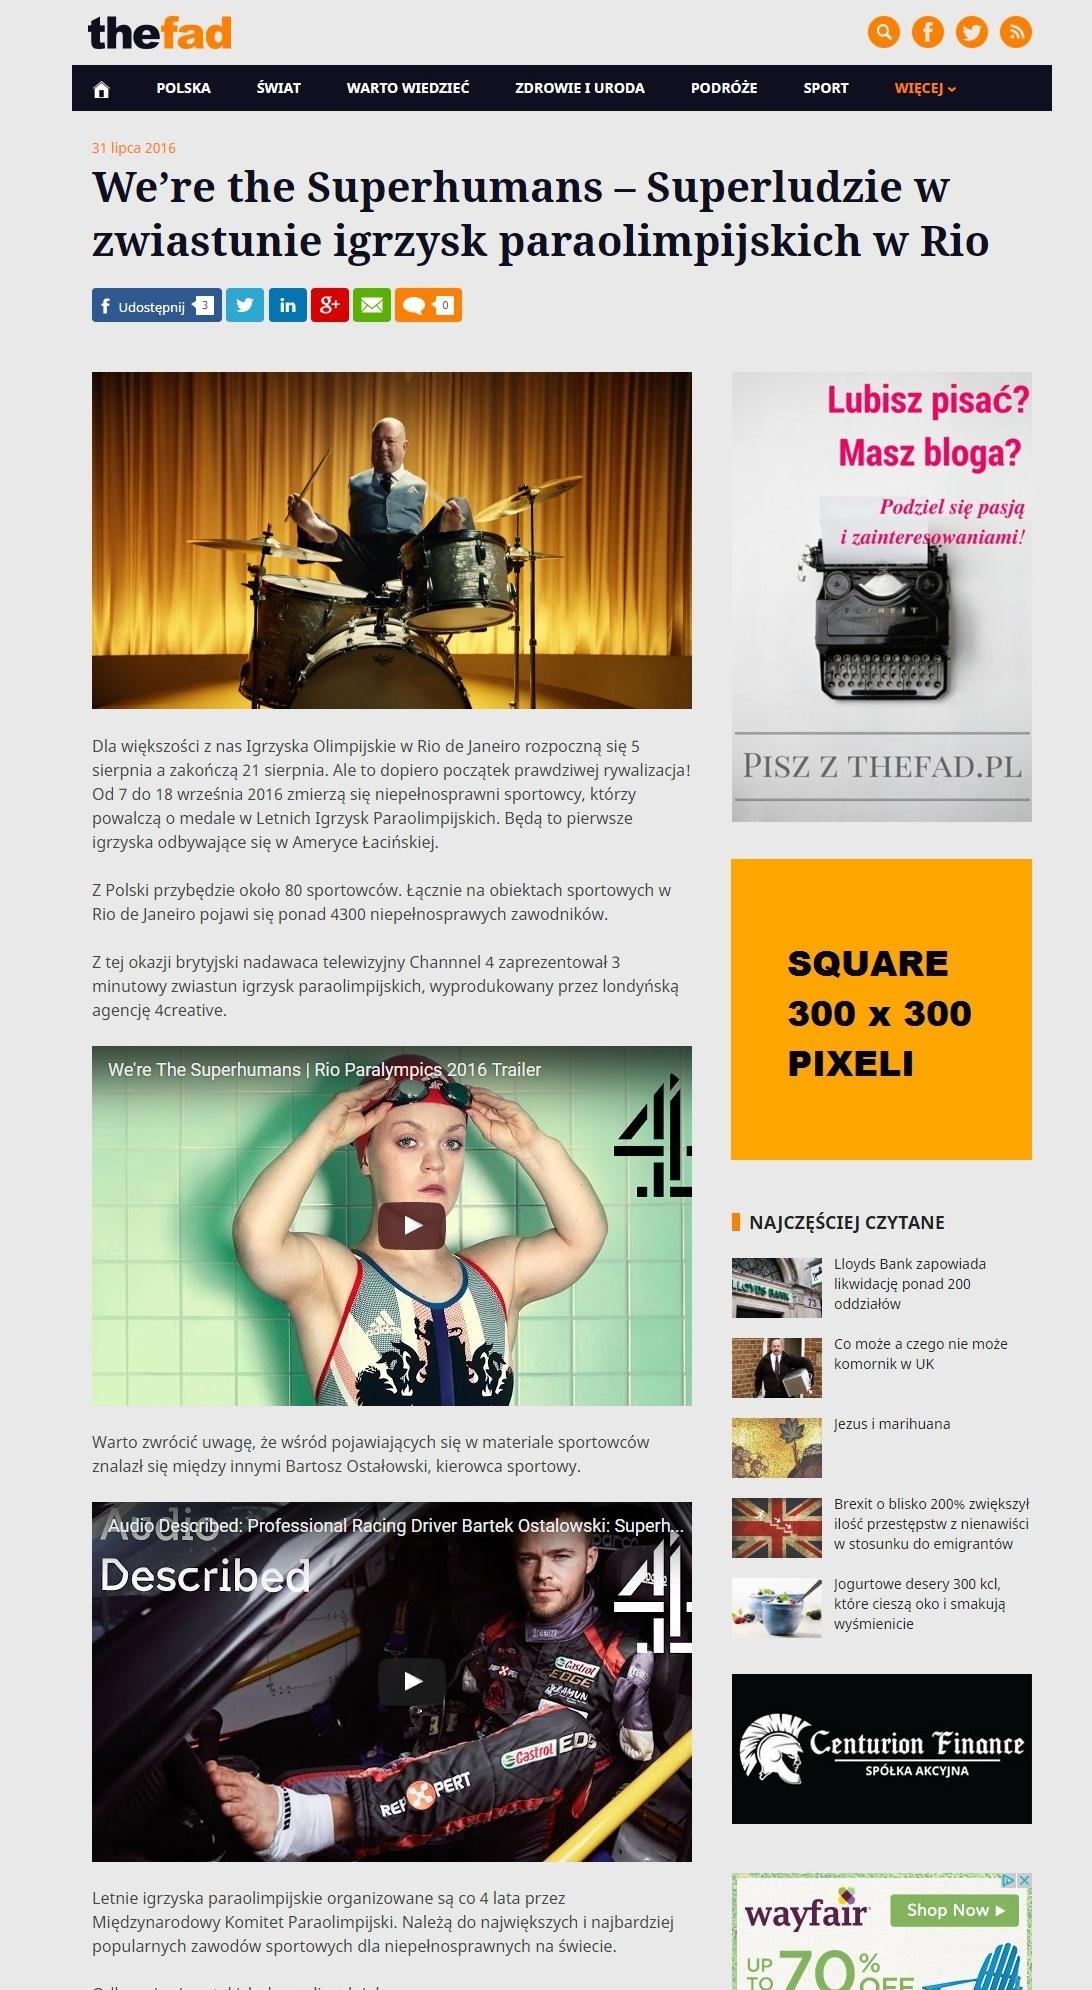 Biuro reklamy TheFad.pl: Wizualizacja reklam, banery 300x300